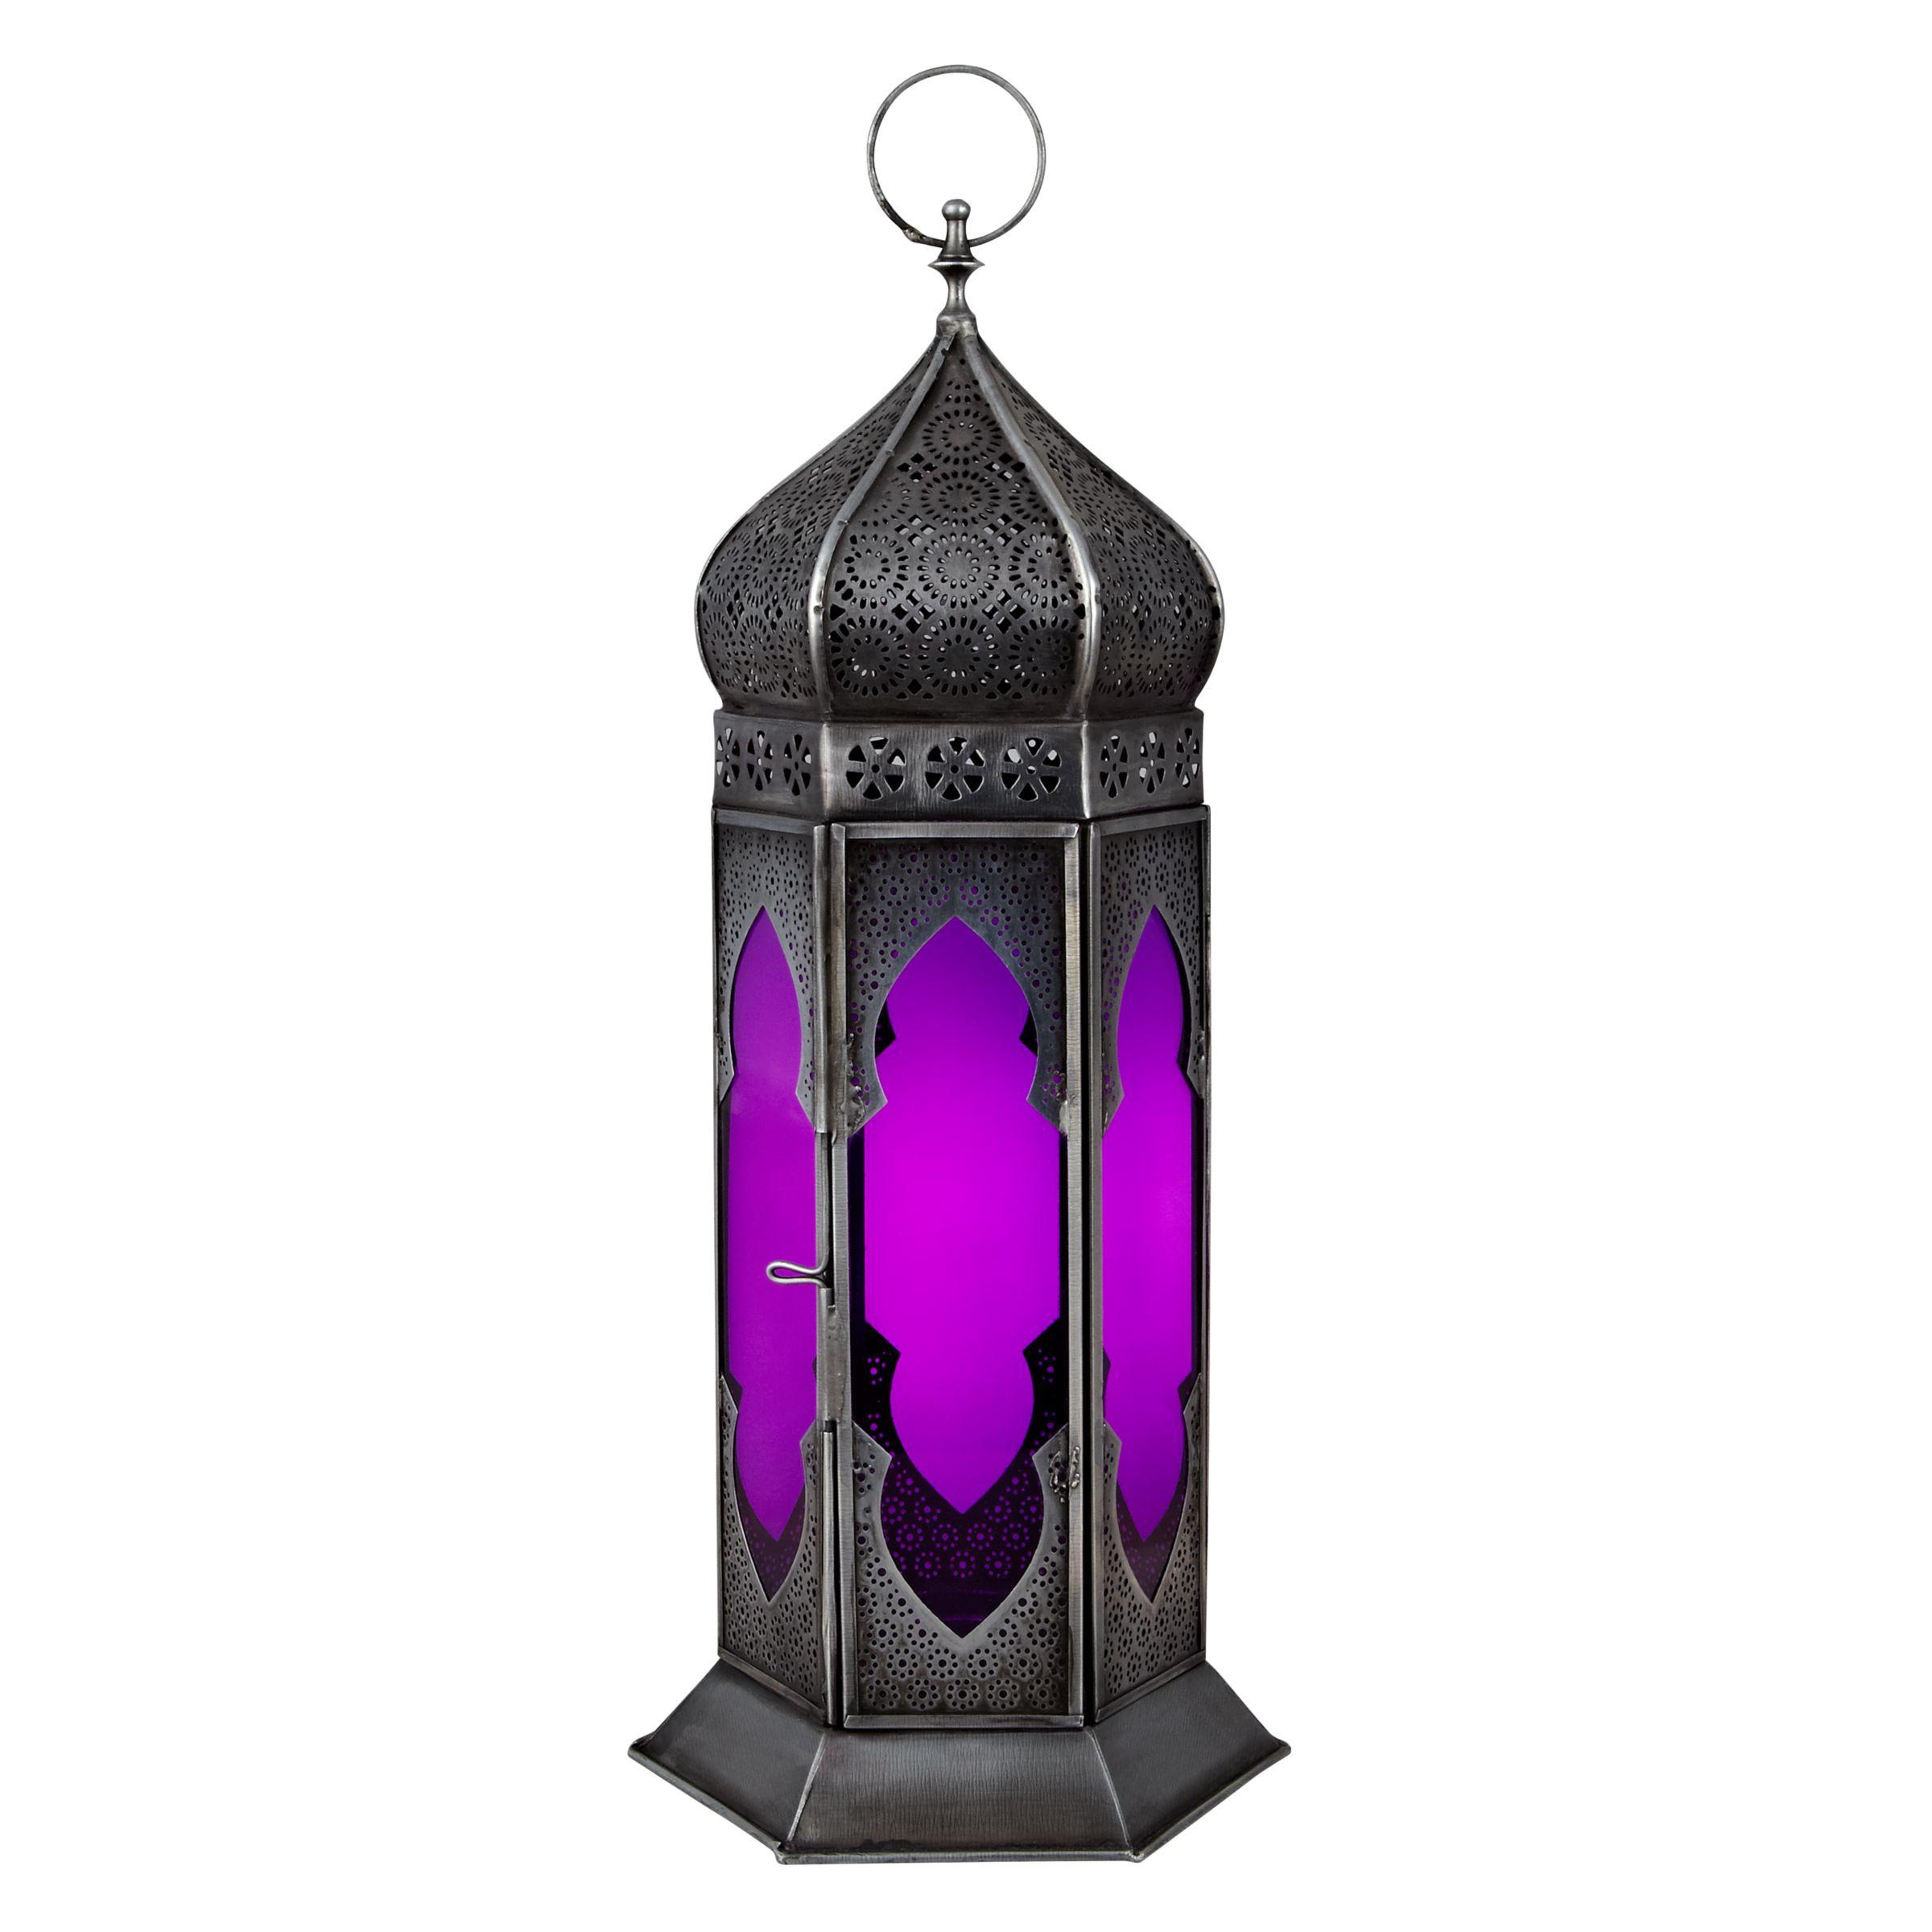 John Lewis Imperial Punched Lantern, Medium, Pink